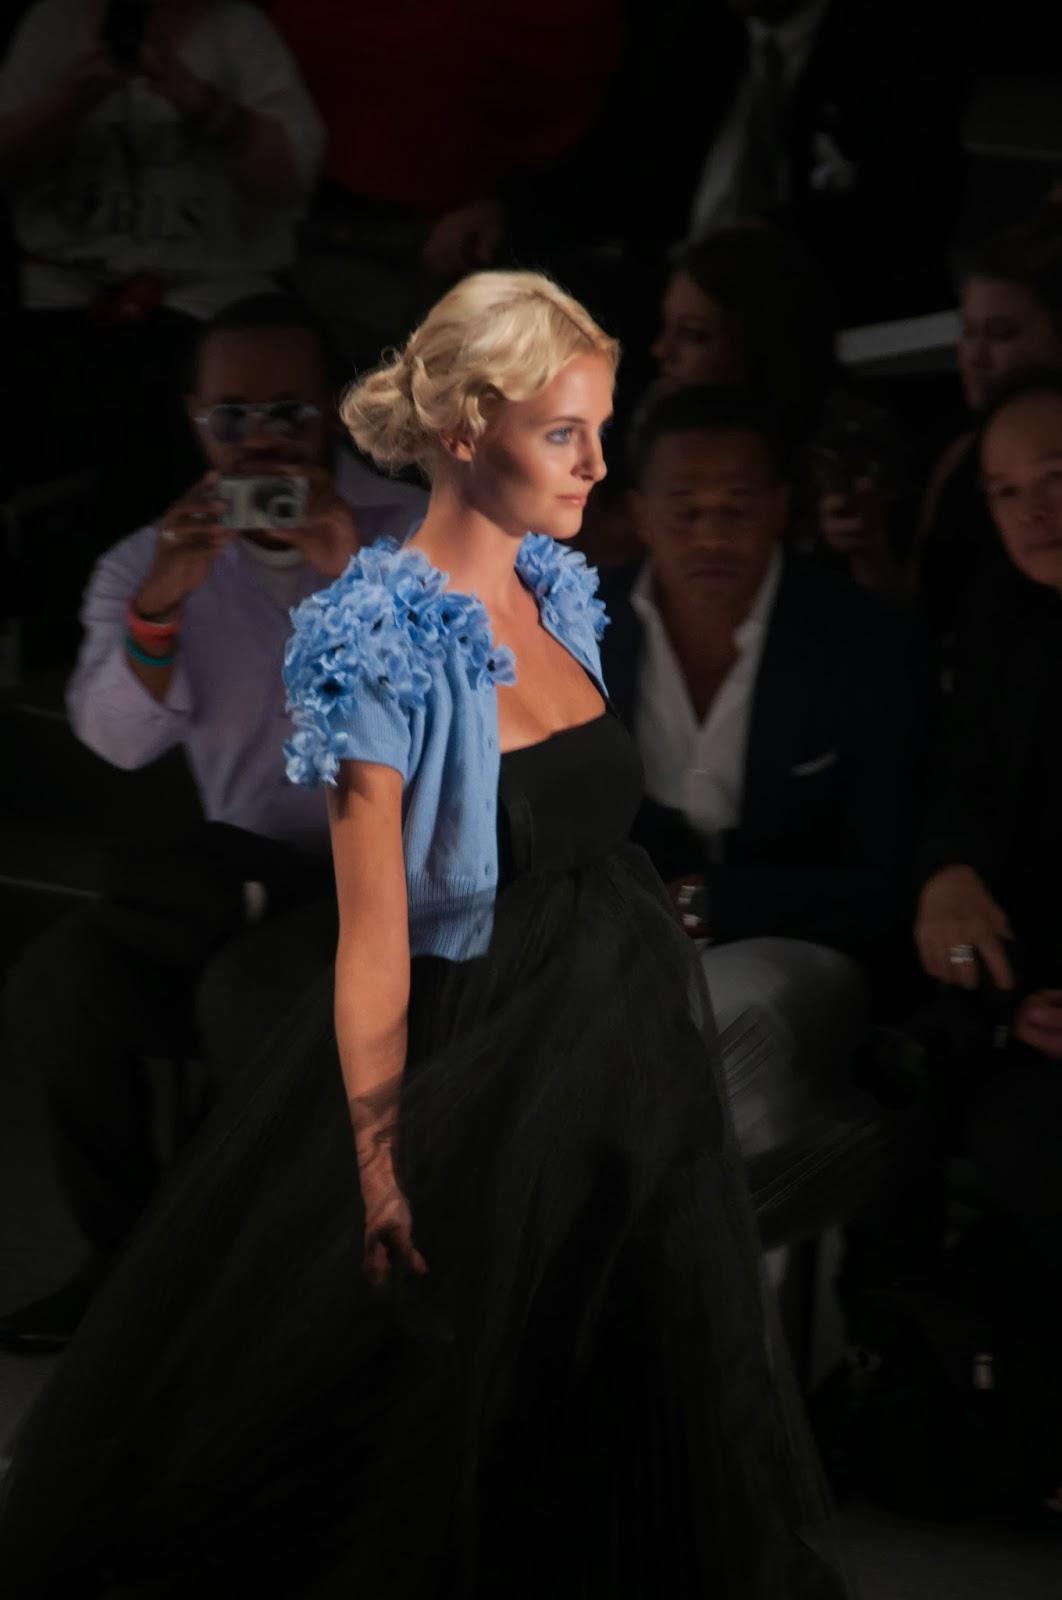 zang toi, zang toi new york fashion week runway, new york fashion week designers, new york fashion week, spring summer 2014 fashions, zang toi ballet babe runway show, zang toi 2014